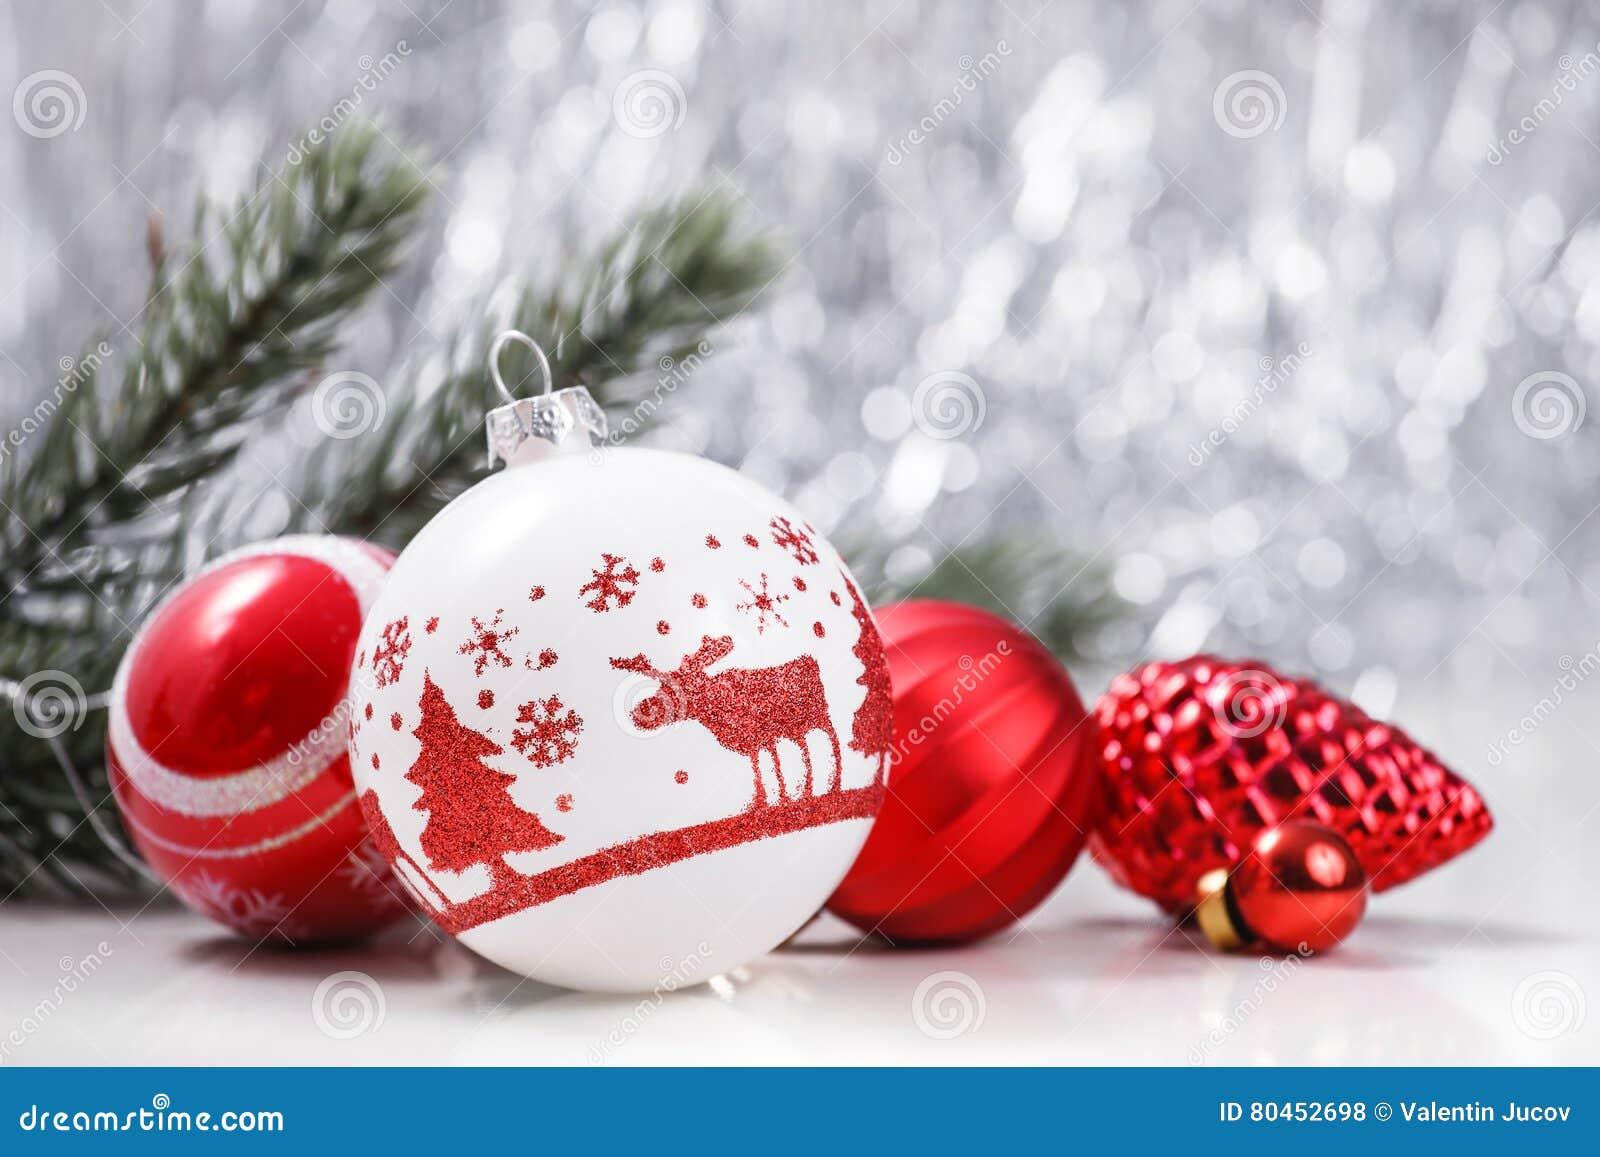 白色和红色圣诞节装饰品和杉树分支在闪烁bokeh背景与空间文本的 Xmas和新年好